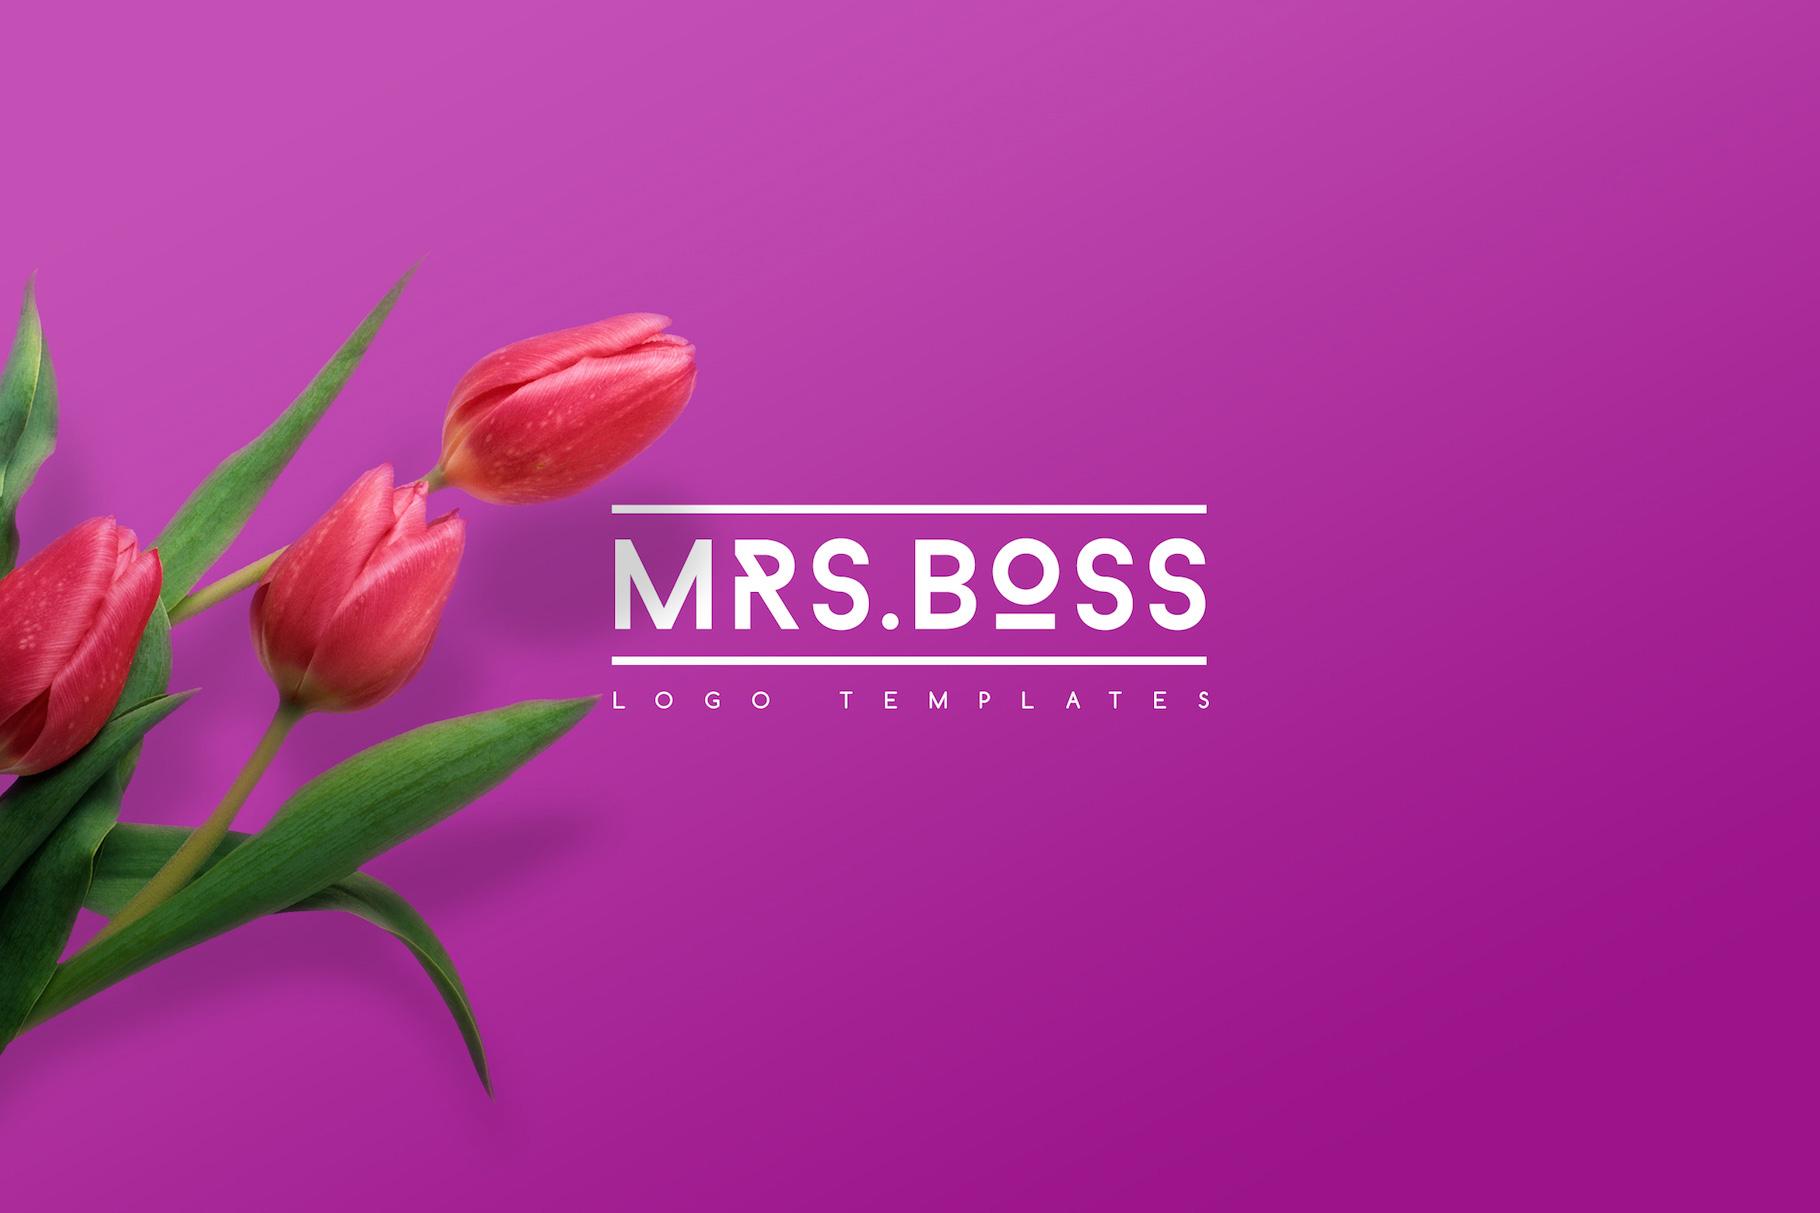 mrs-boss-feminine-logo-templates-easybrandz